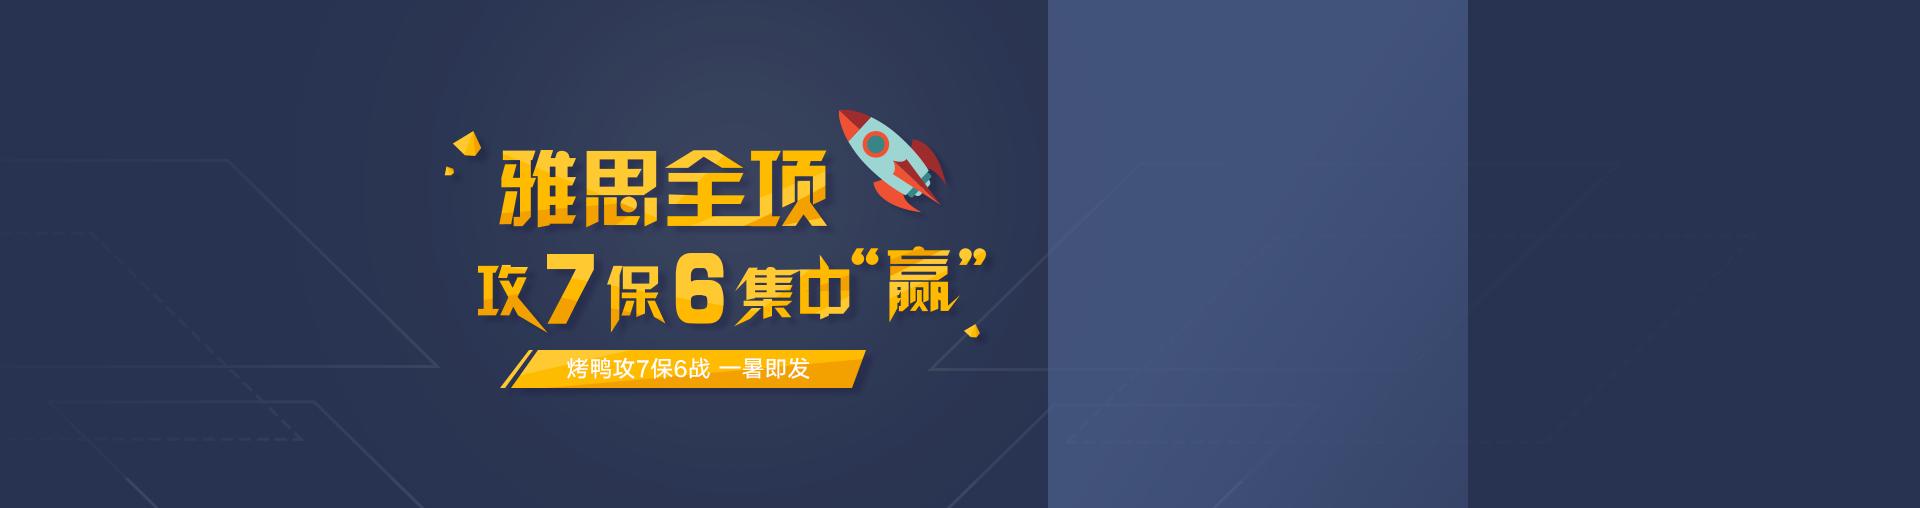 """雅思暑期全项攻7保6集中""""赢"""""""